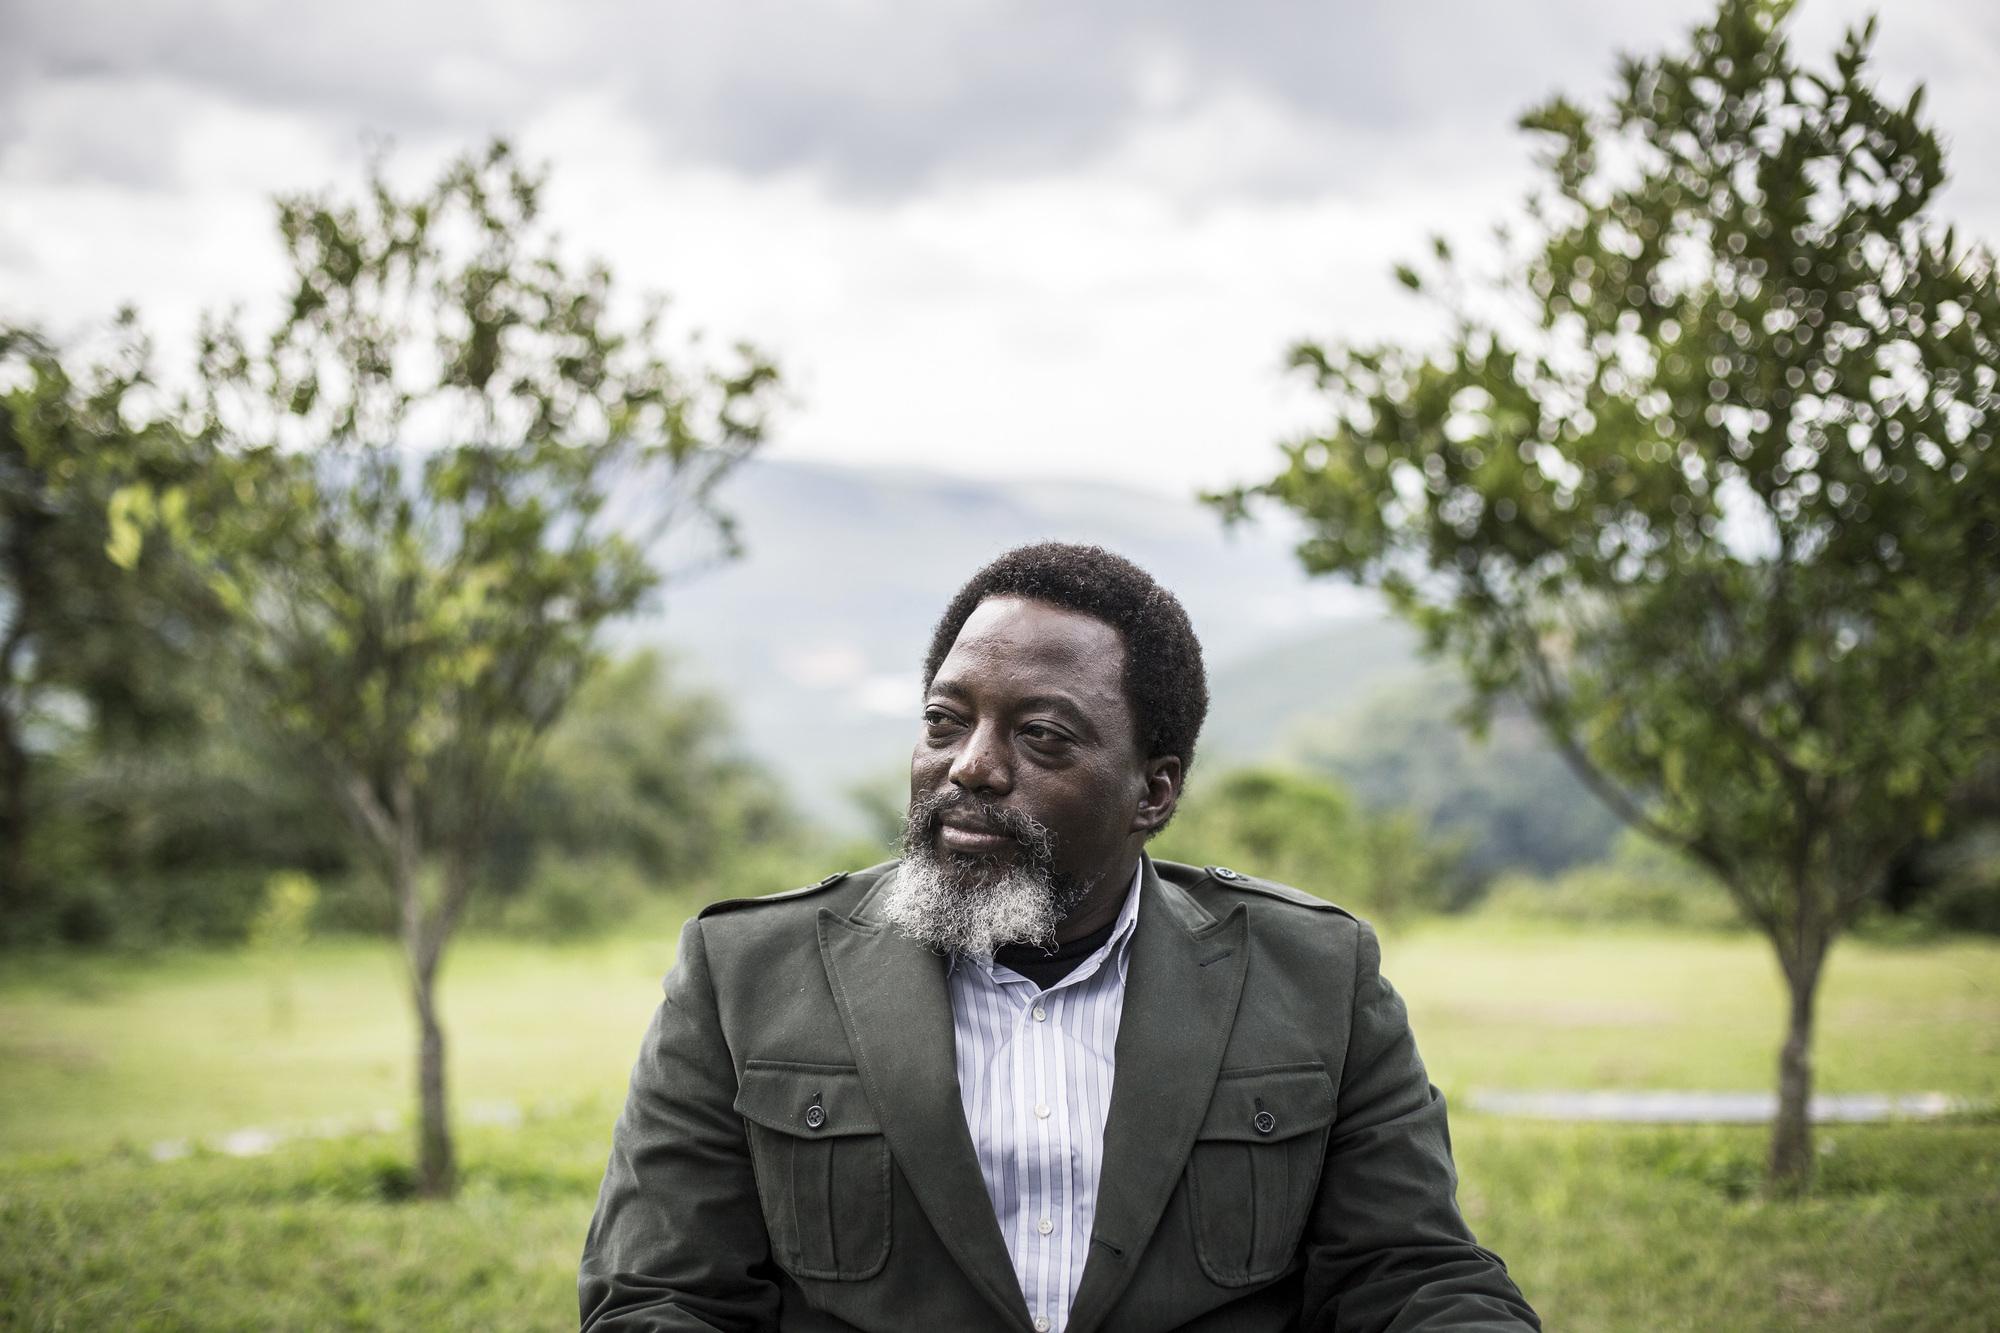 L'ex-président congolais Joseph Kabila s'est toujours senti plus à son aise dans cette arche de Noé privée que dans l'anarchique Kinshasa.